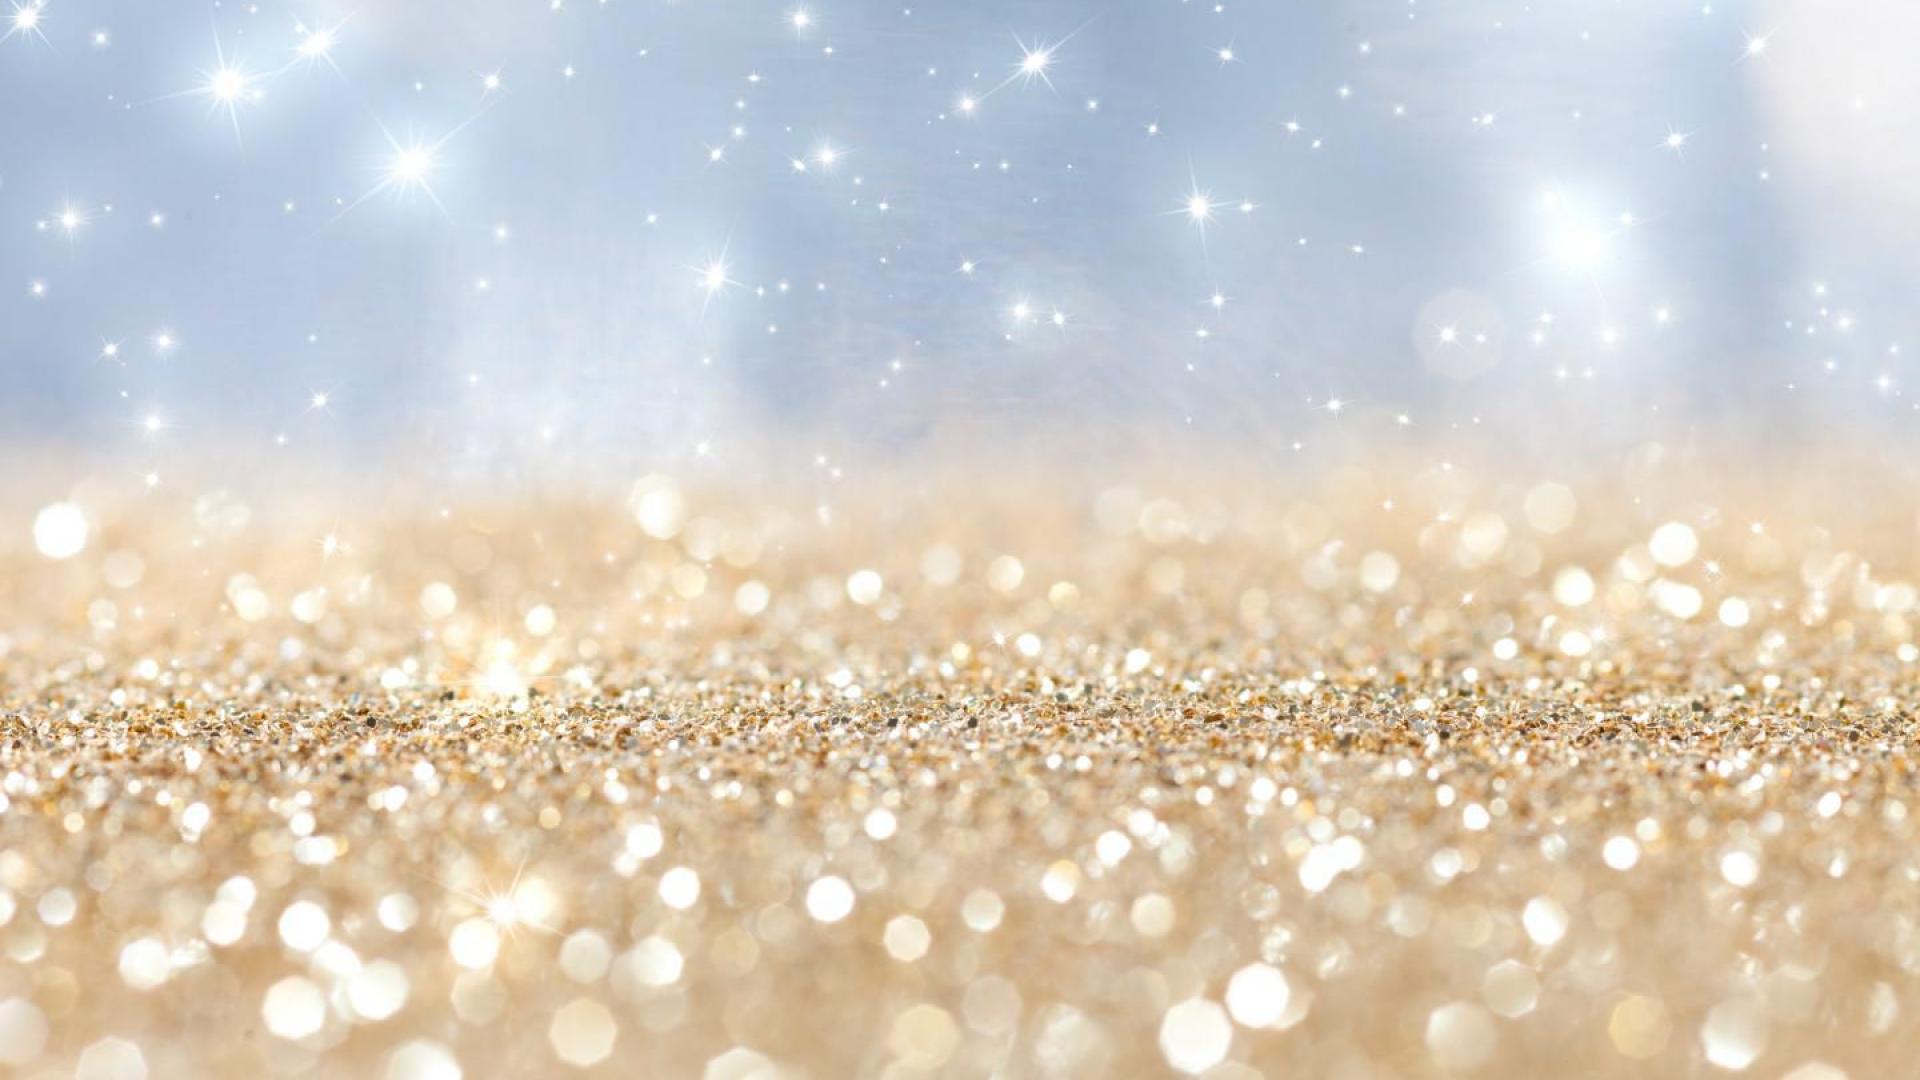 glitter wallpaper high resolution - photo #11